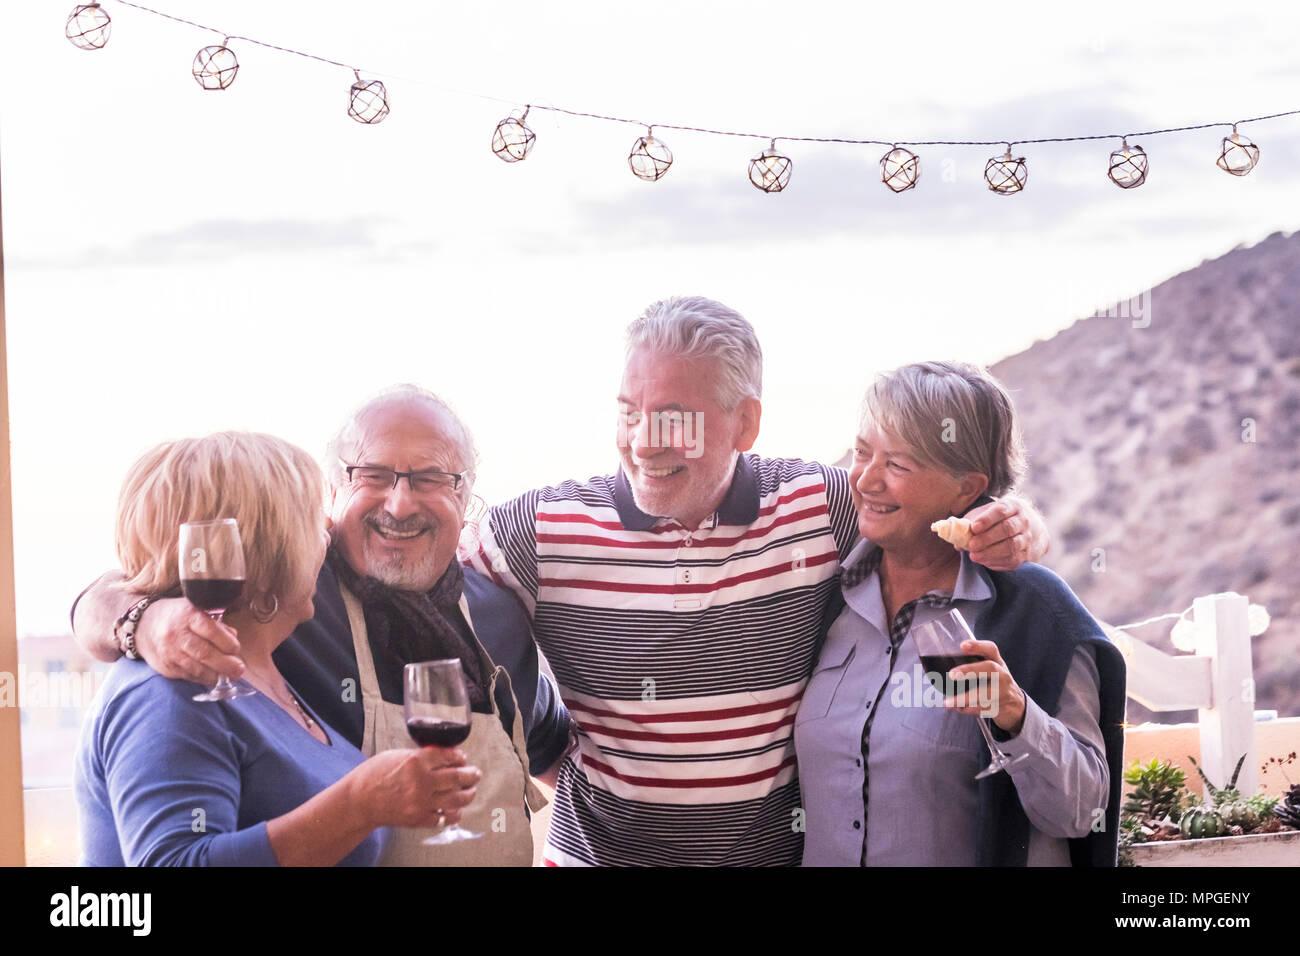 Gruppo di 4 senior, due coppie, stare insieme e divertirsi gustano un bicchiere di vino all'aperto nel tetto. vacanza anziani concetto e amicizia. Sun Immagini Stock